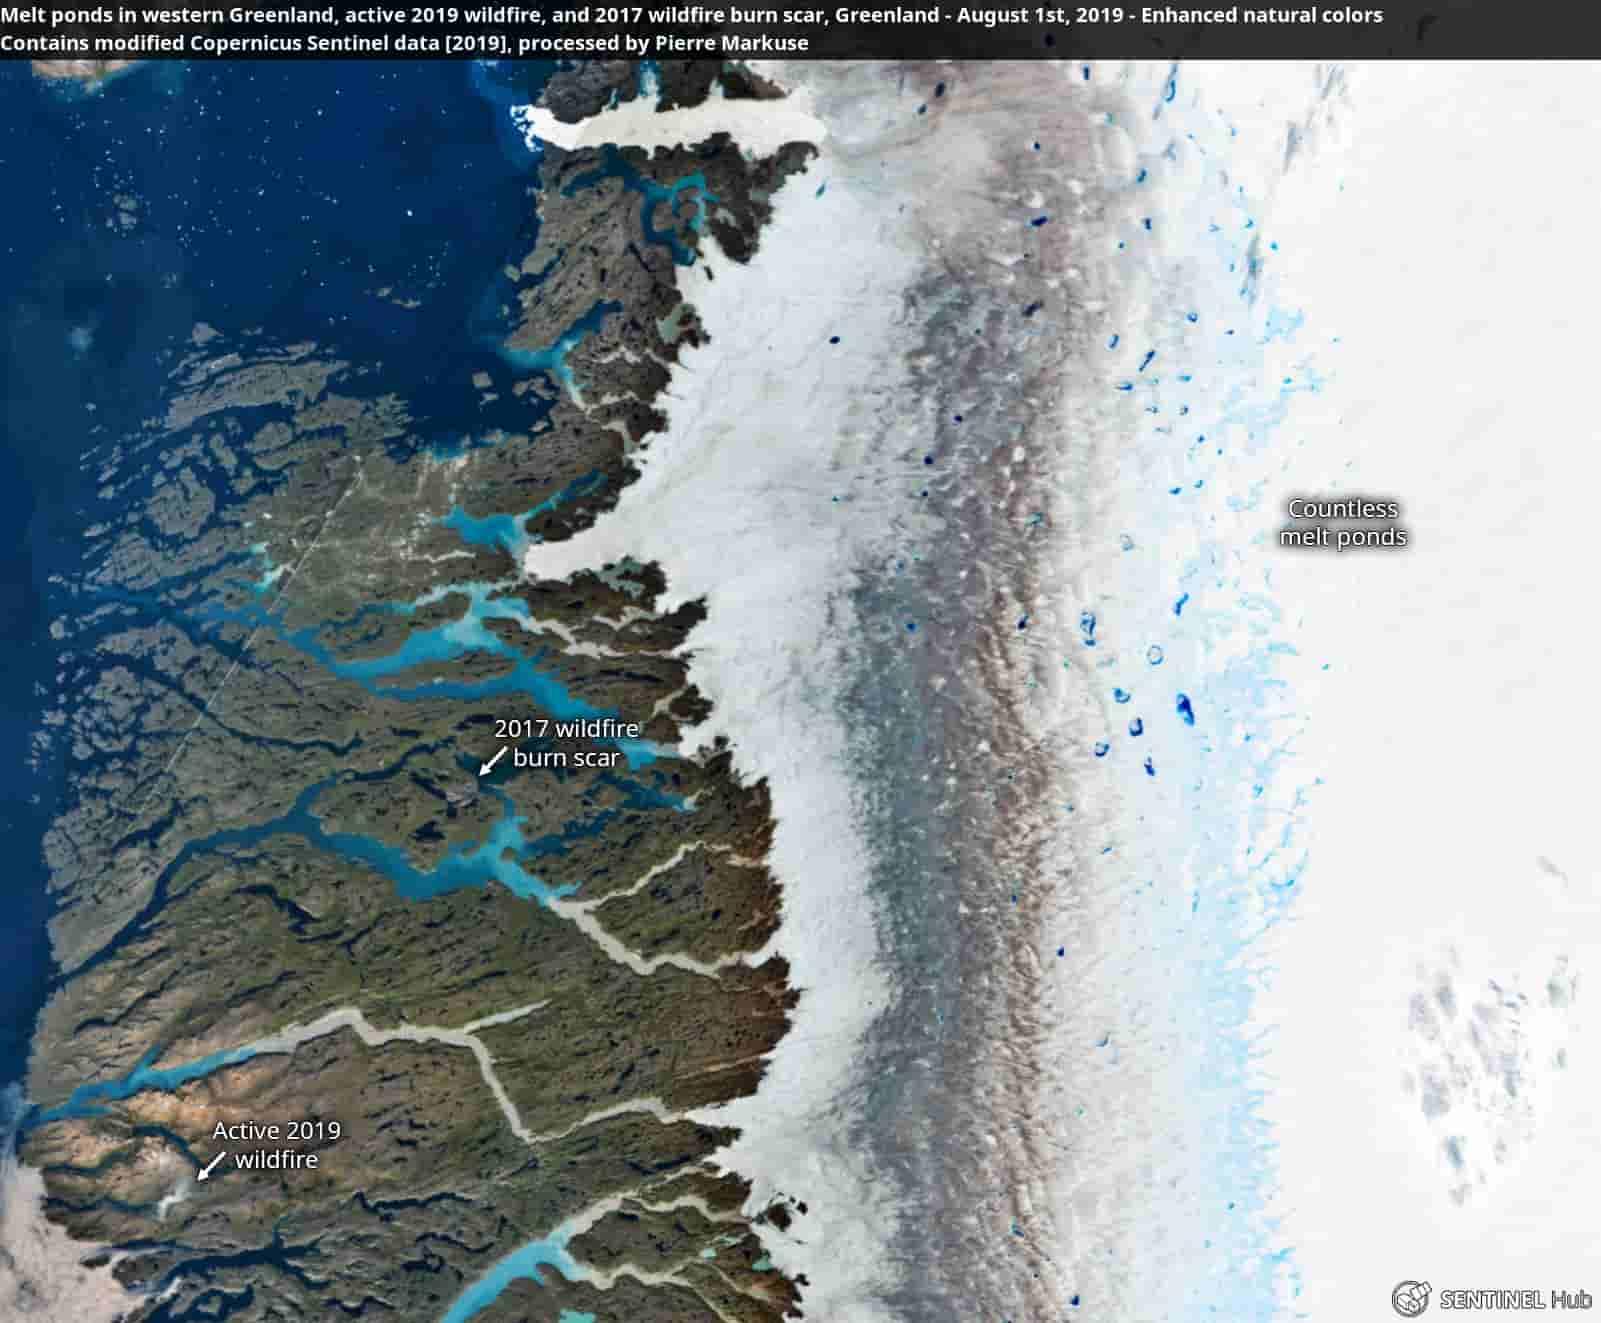 таяние ледников Гренландии - в результате лесных пожаров в районах Арктики происходит осаждение частиц пепла и сажи, затемняющих поверхность льда, что ускоряет эффект таяния